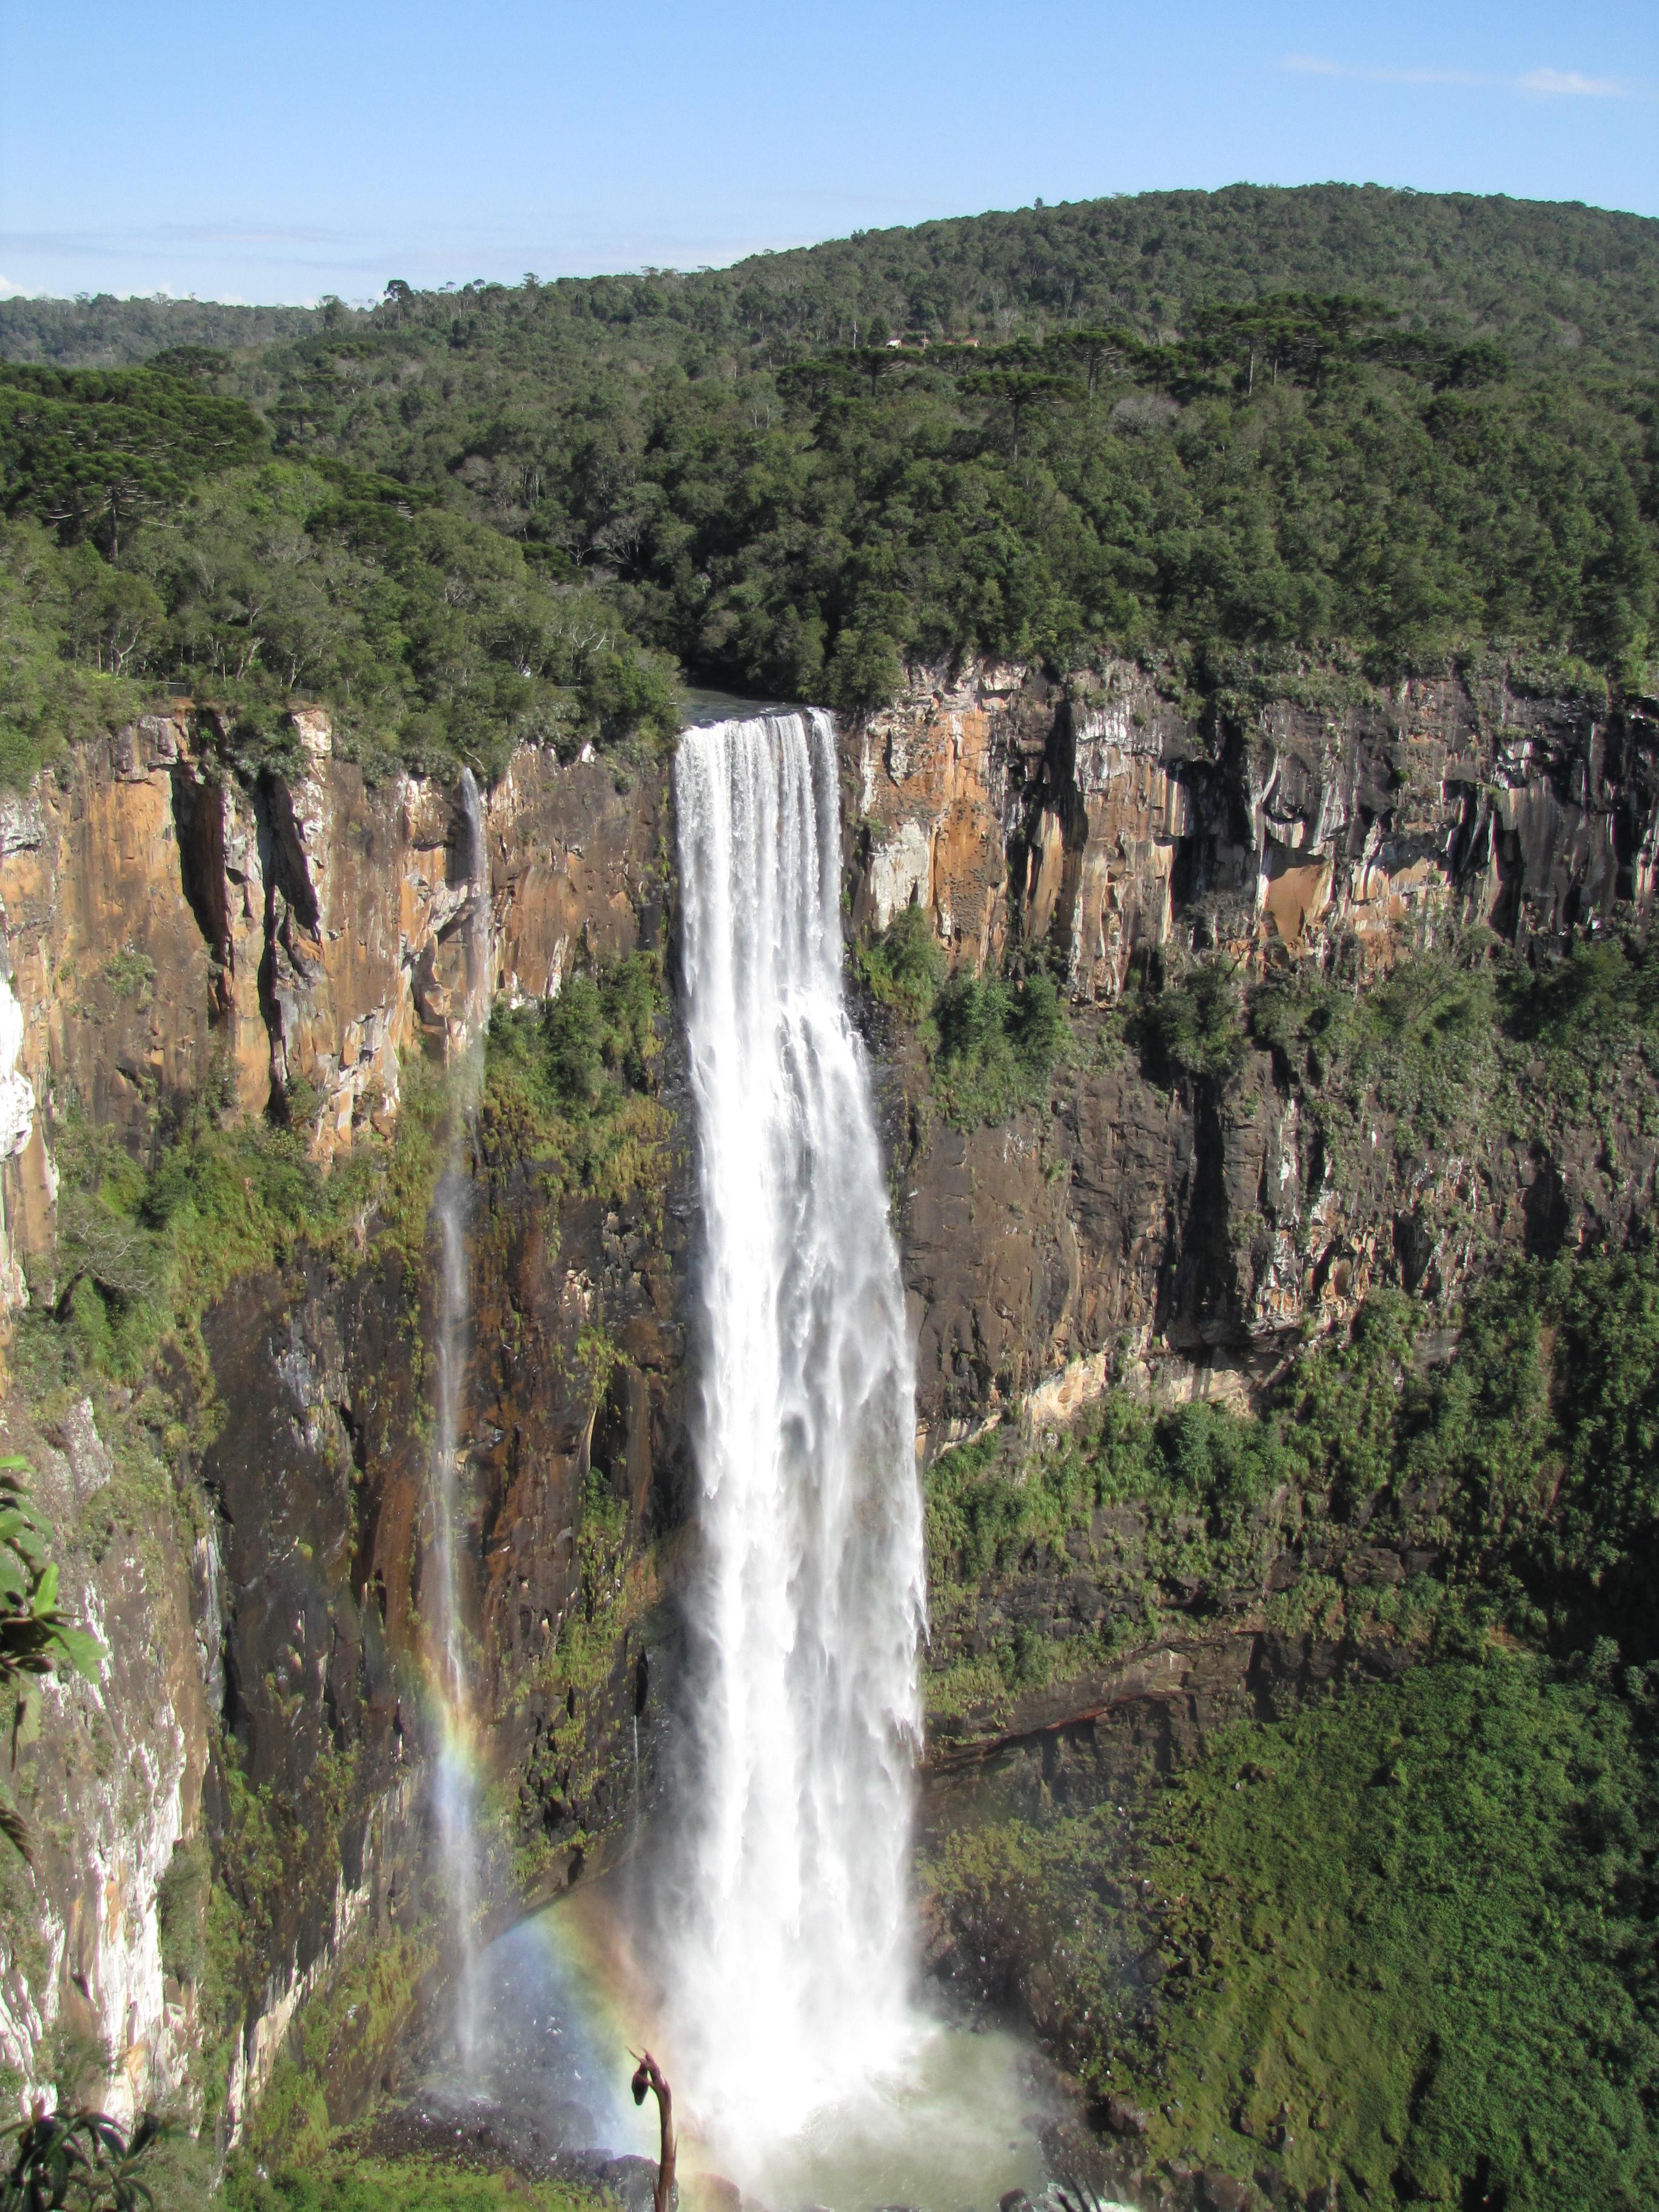 Salto São Francisco, maior q <a class='fecha' href='http://wallinside.com/post-59651196-idosos-passeiam-por-pontos-turisticos-de-curitiba-e-rmc.html'>read more...</a>    <div style='text-align:center' class='comment_new'><a href='http://wallinside.com/post-59651196-idosos-passeiam-por-pontos-turisticos-de-curitiba-e-rmc.html'>Share</a></div> <br /><hr style='clear: both;' class='style-two'>    </div></div>    </article>   <article class=